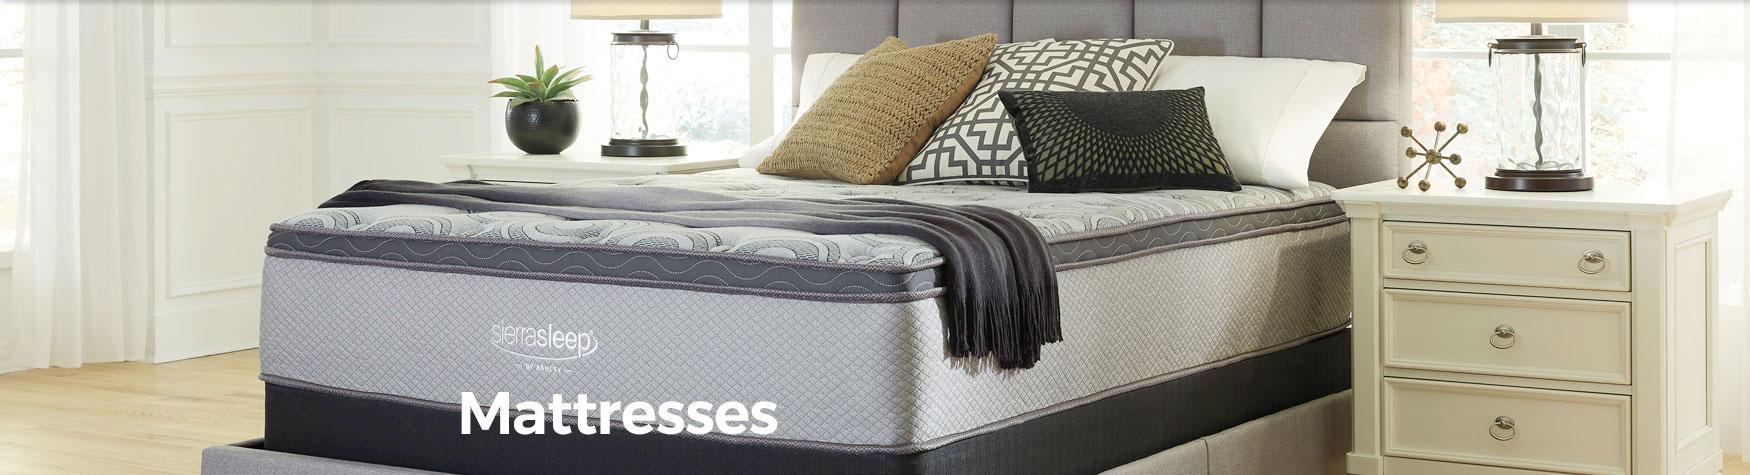 mattressesbanner.jpg